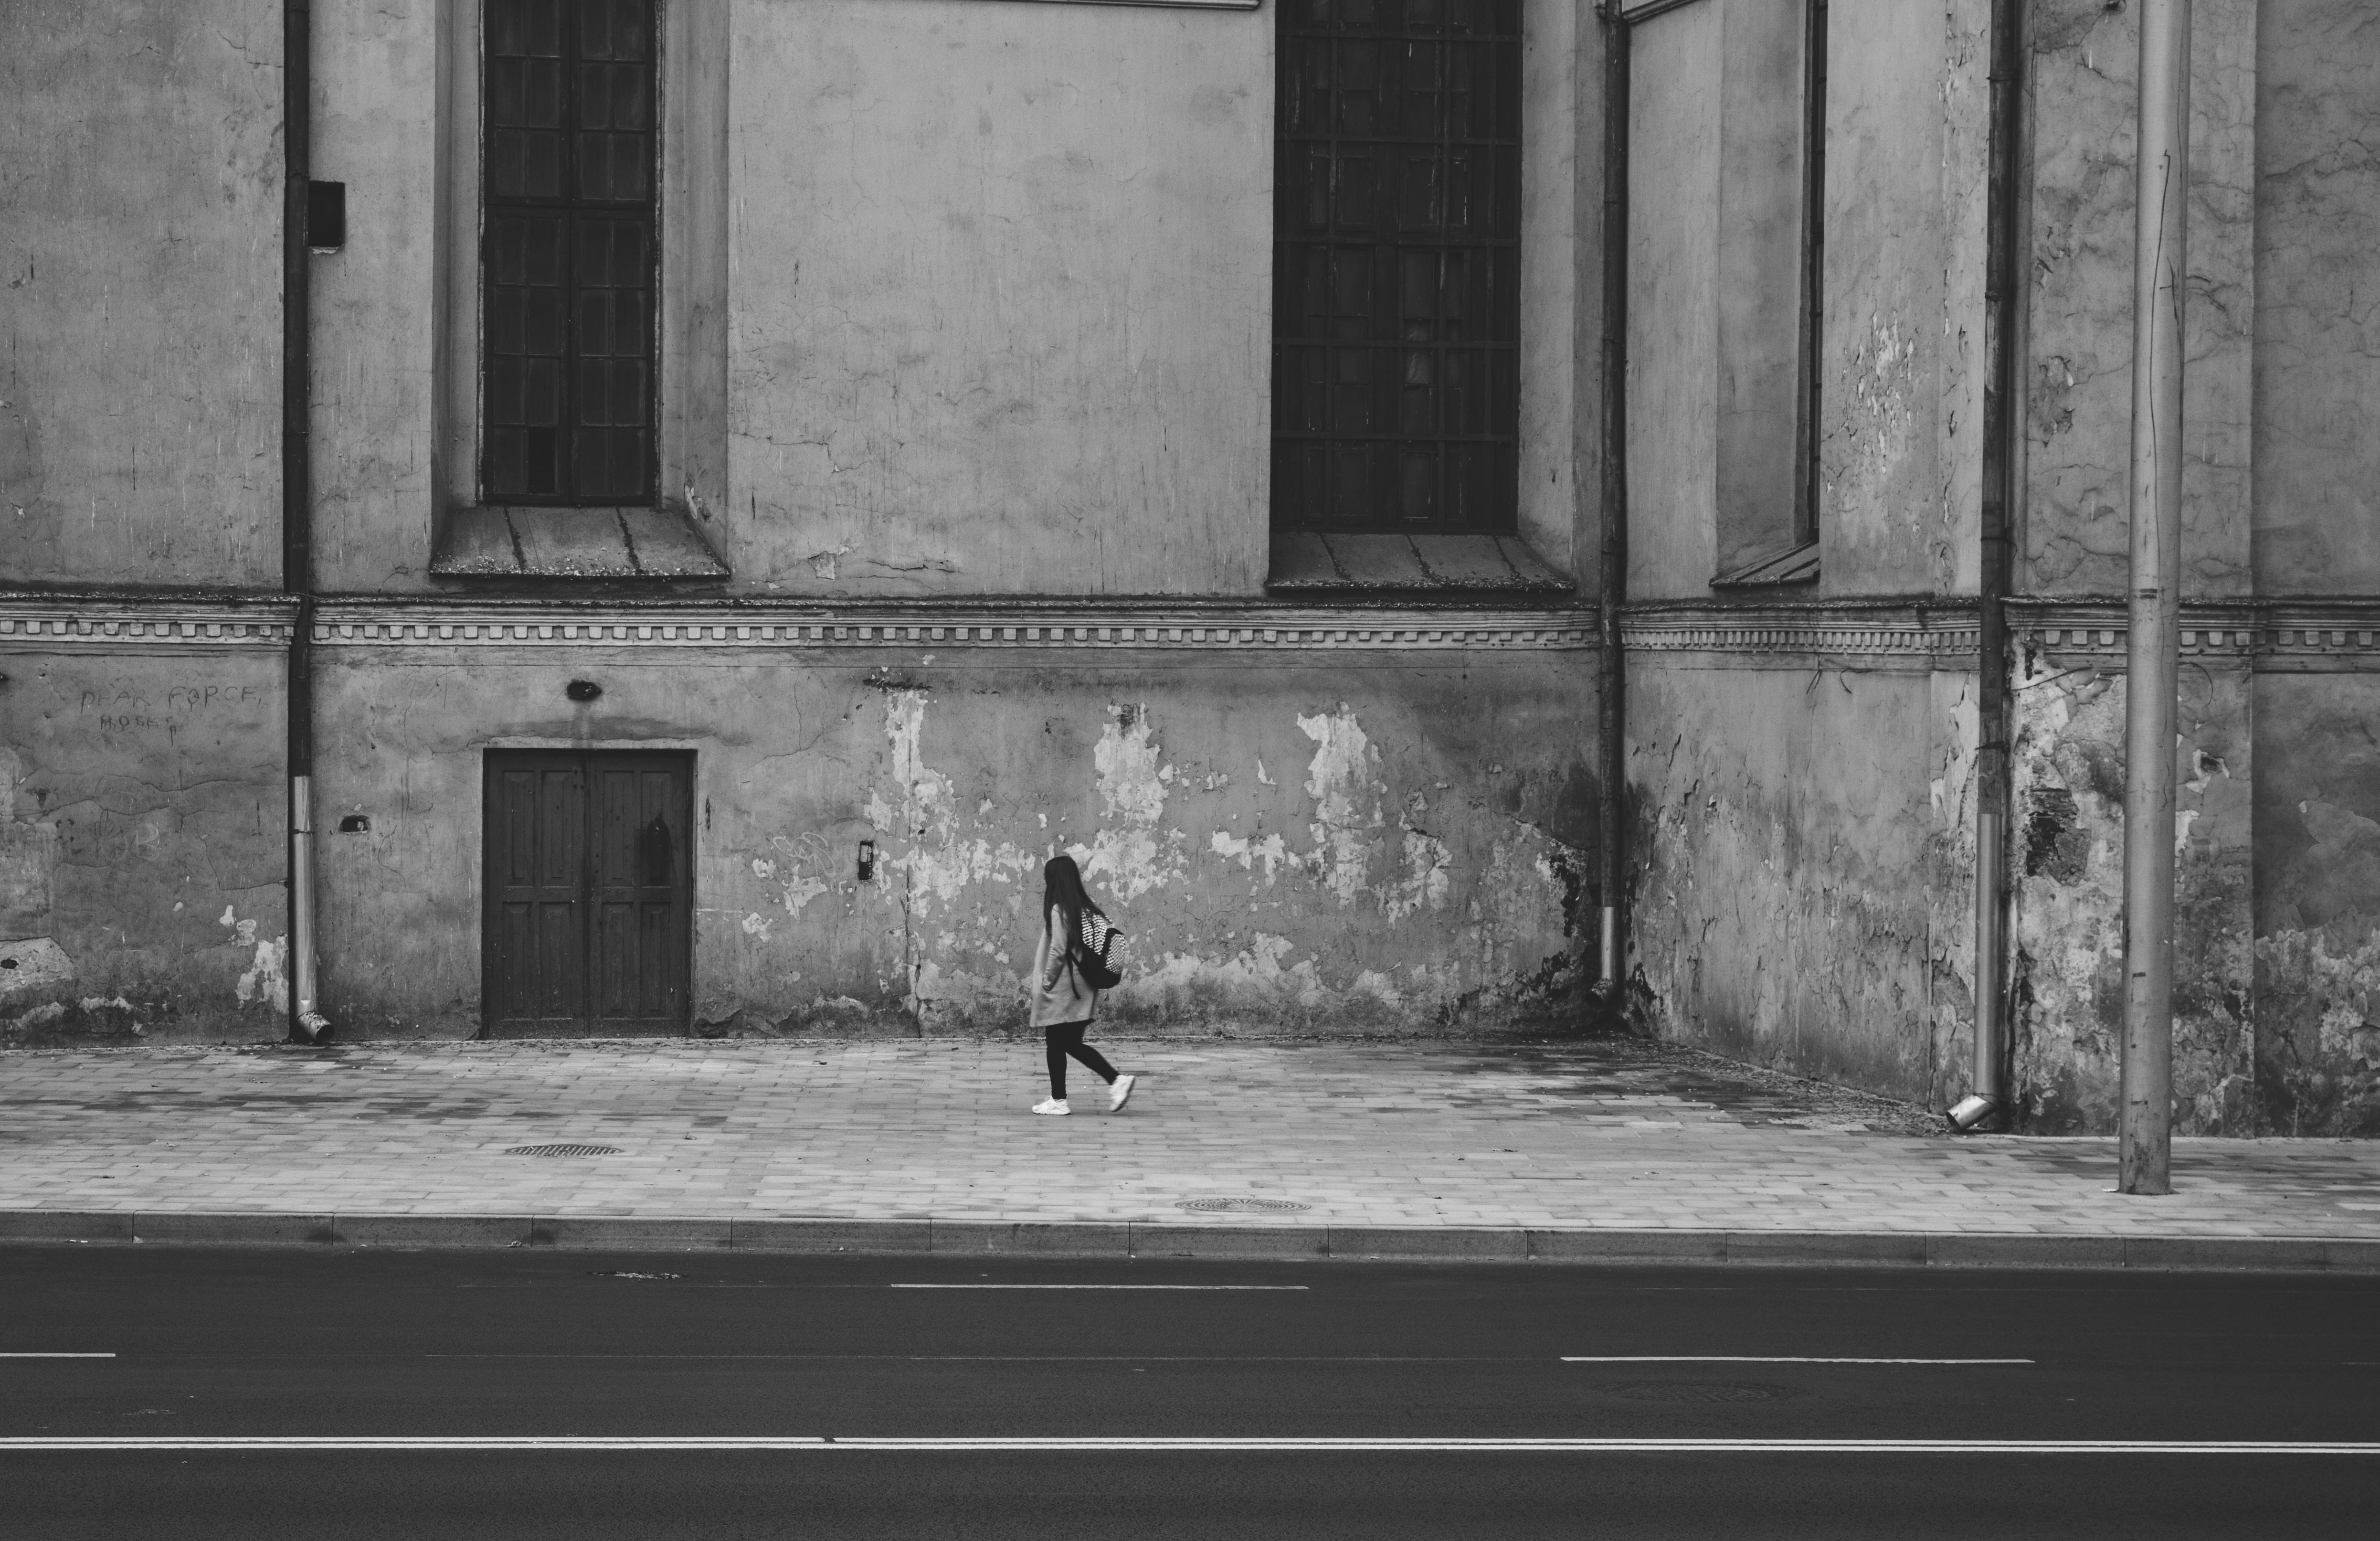 пе, картинка серая стена на улице одна самых